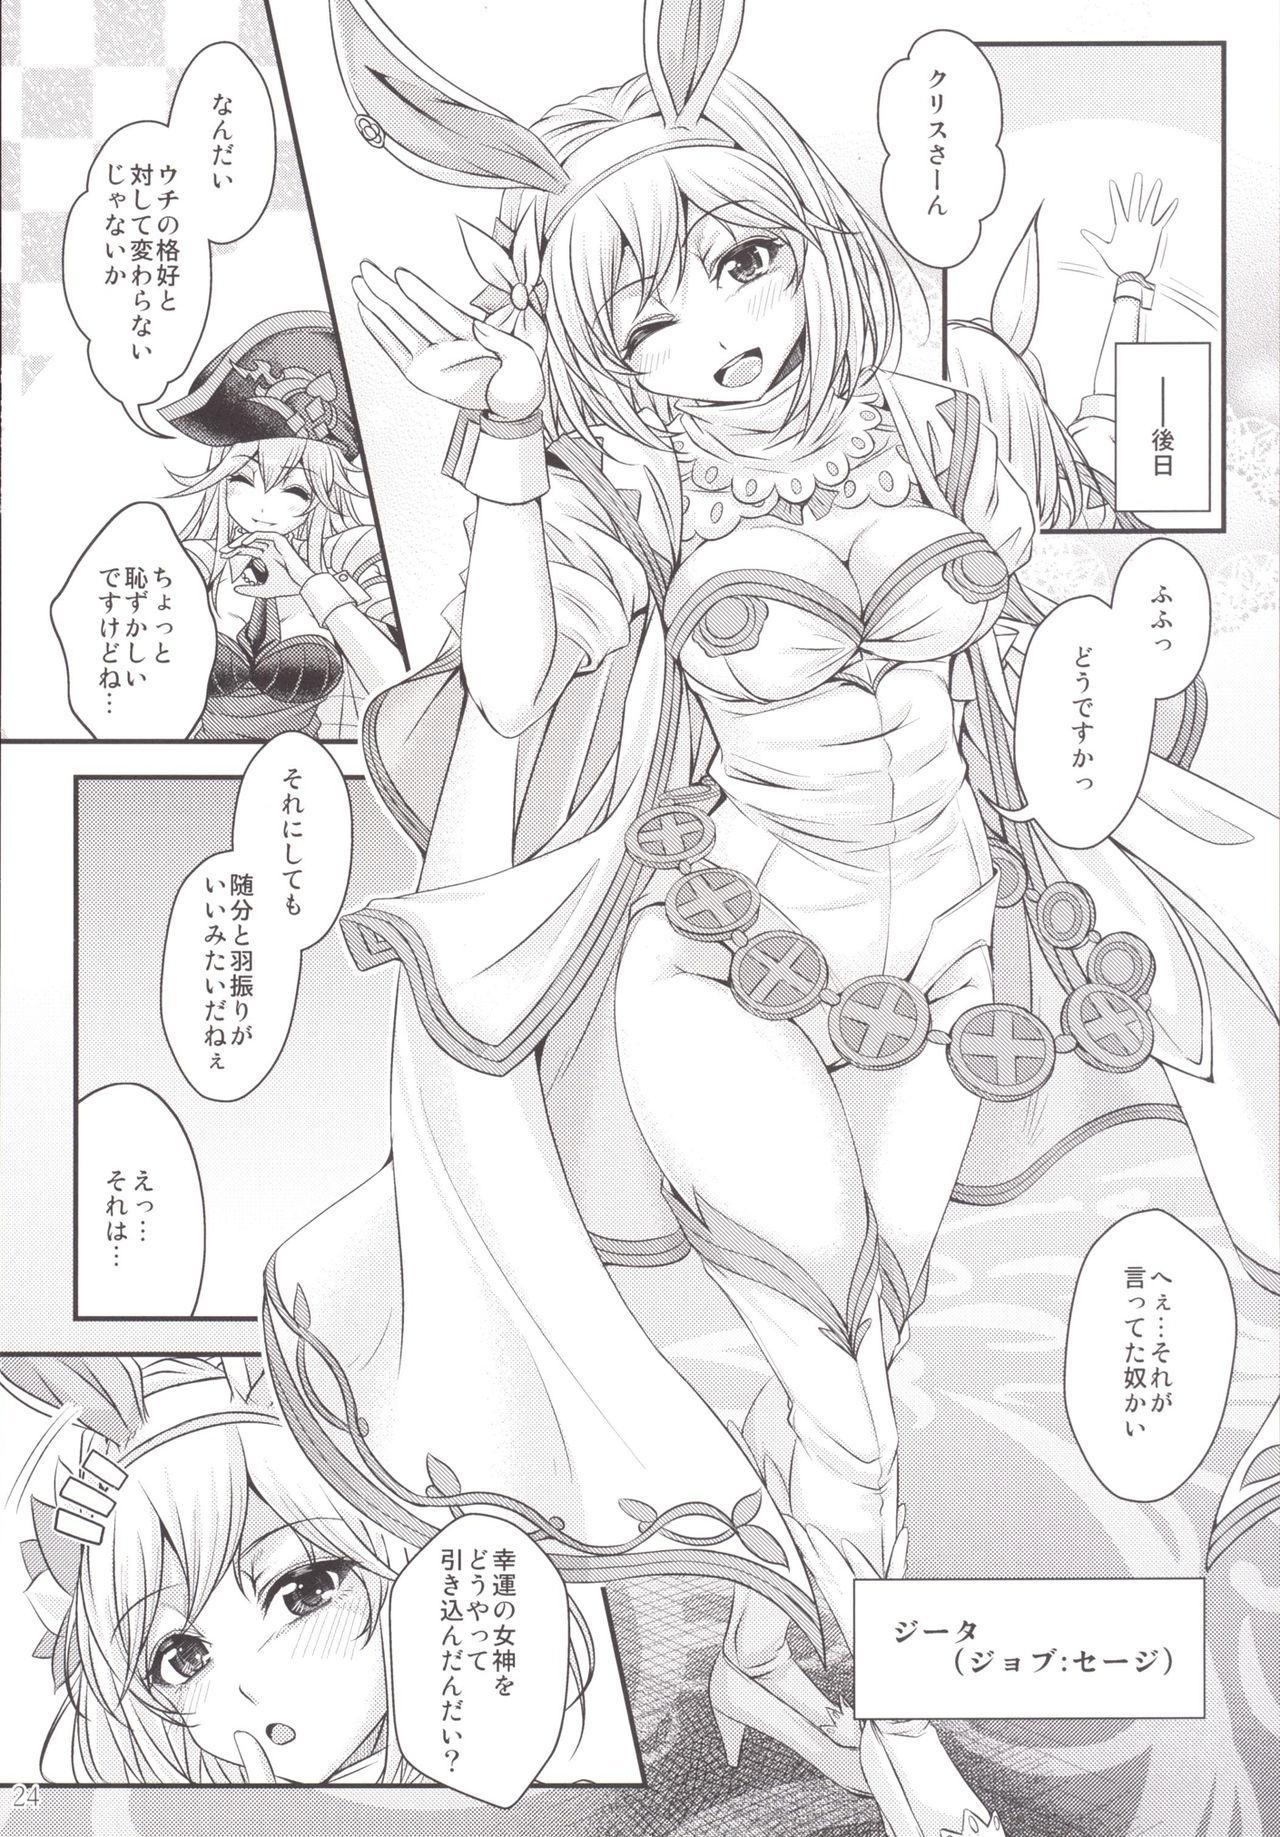 Bunny ga Sage ni Naru Houhou 22